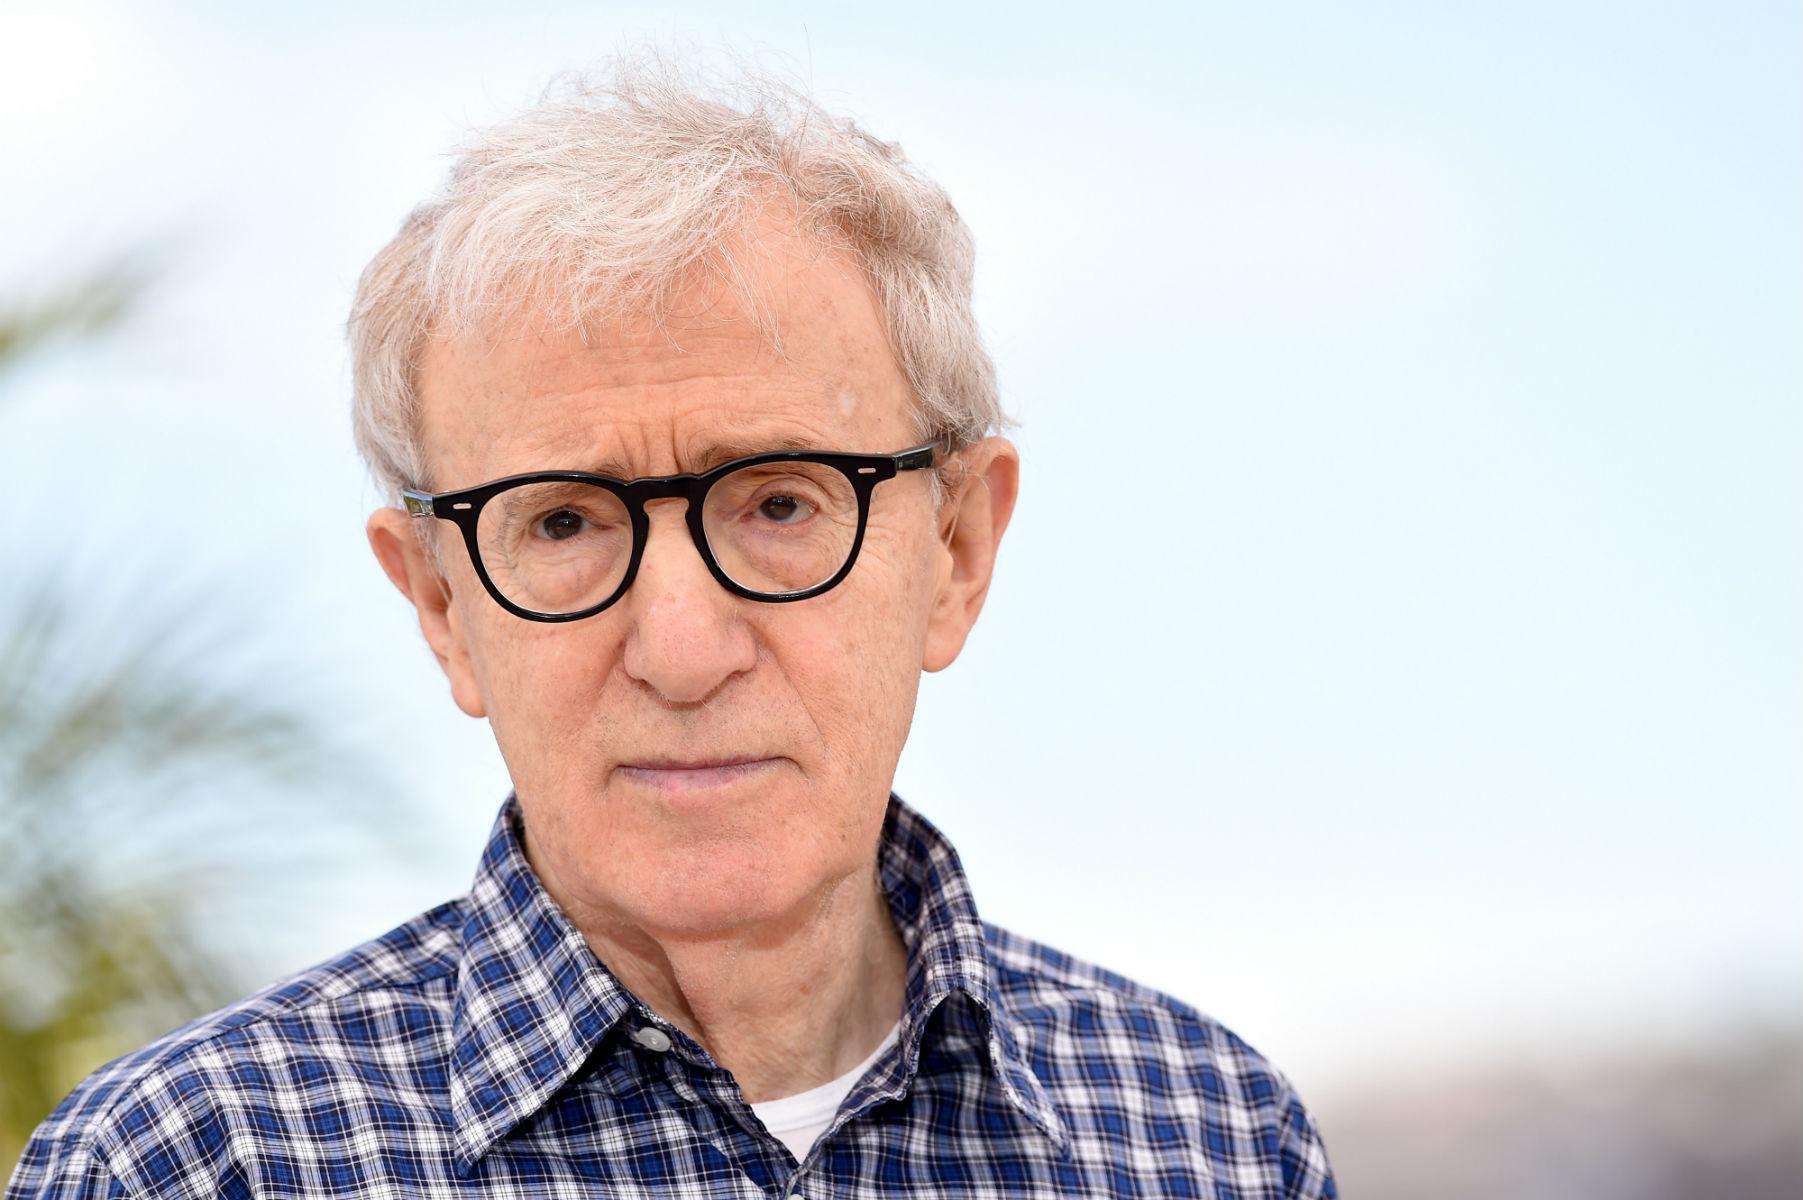 Kilkudziesięciu pracowników opuściło wydawnictwo wproteście przedwydaniem wspomnień Woody'ego Allena